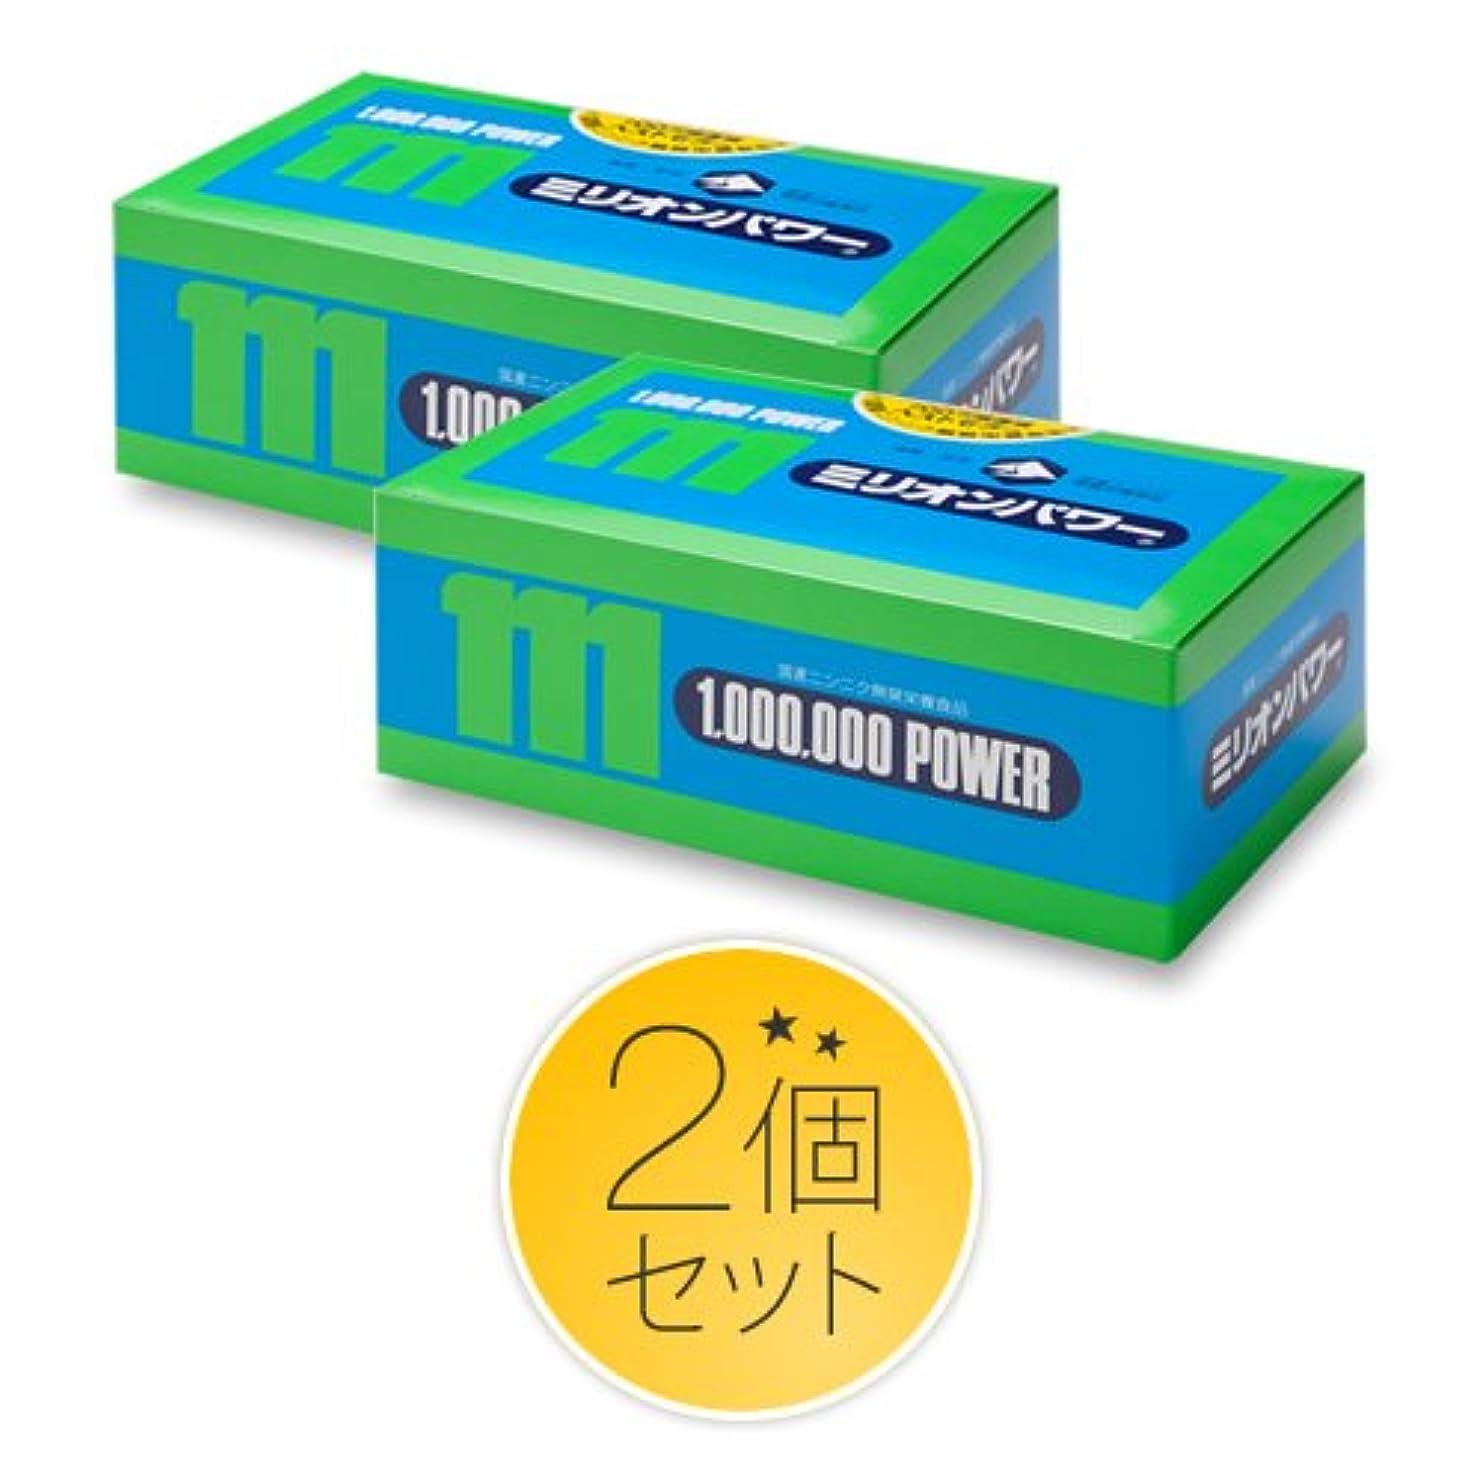 カテゴリー牽引接続詞ミリオンパワー2箱セット【期間限定】EPA高配合 さらさら青魚プレゼント